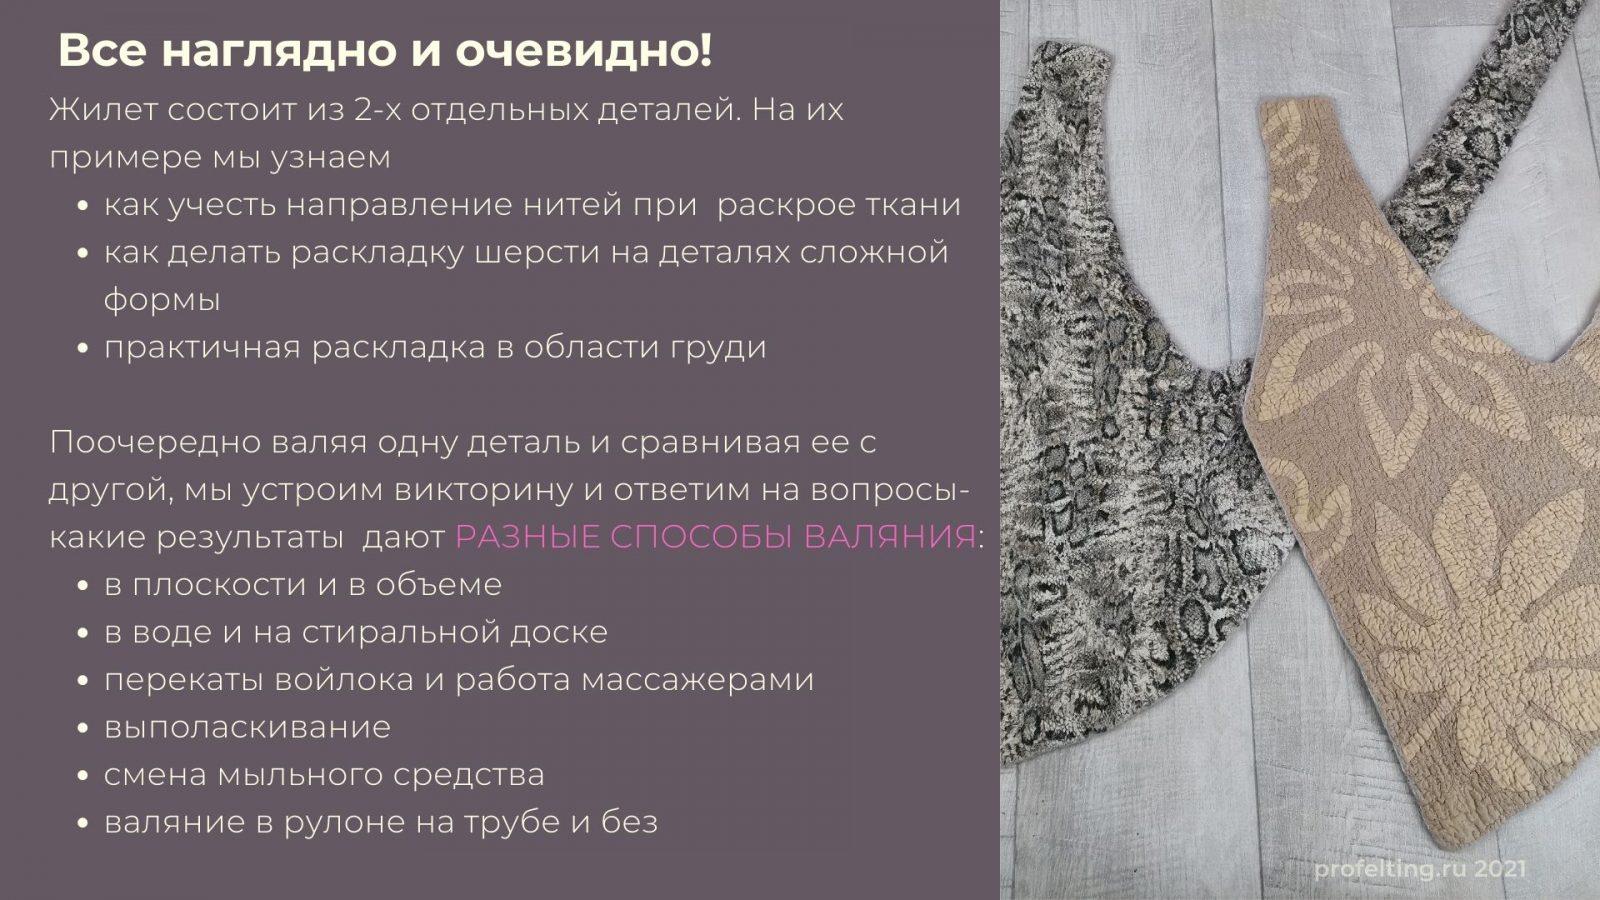 Регина Журавлева. Декоративные практики с батистом